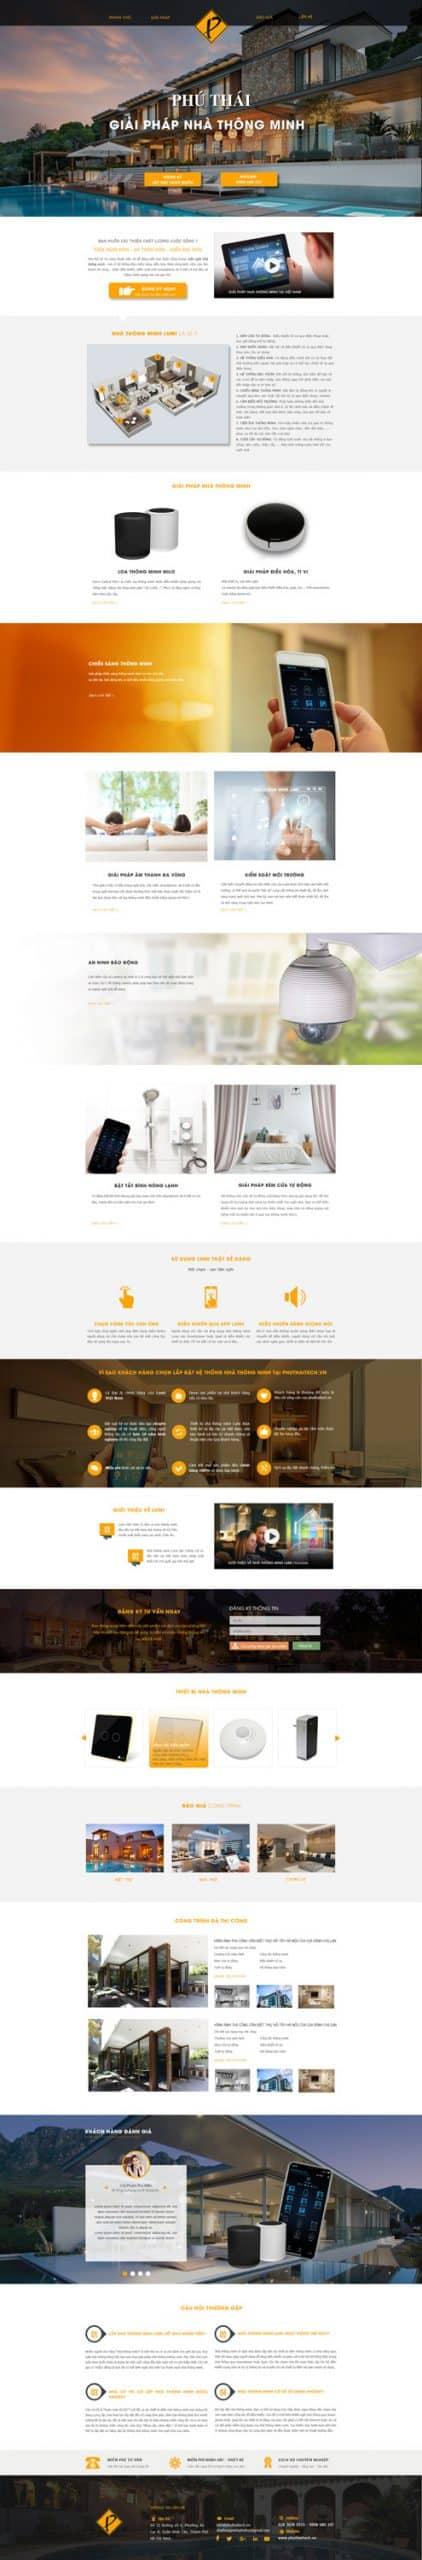 Thiết kế website LDP nhà thông minh LUMI